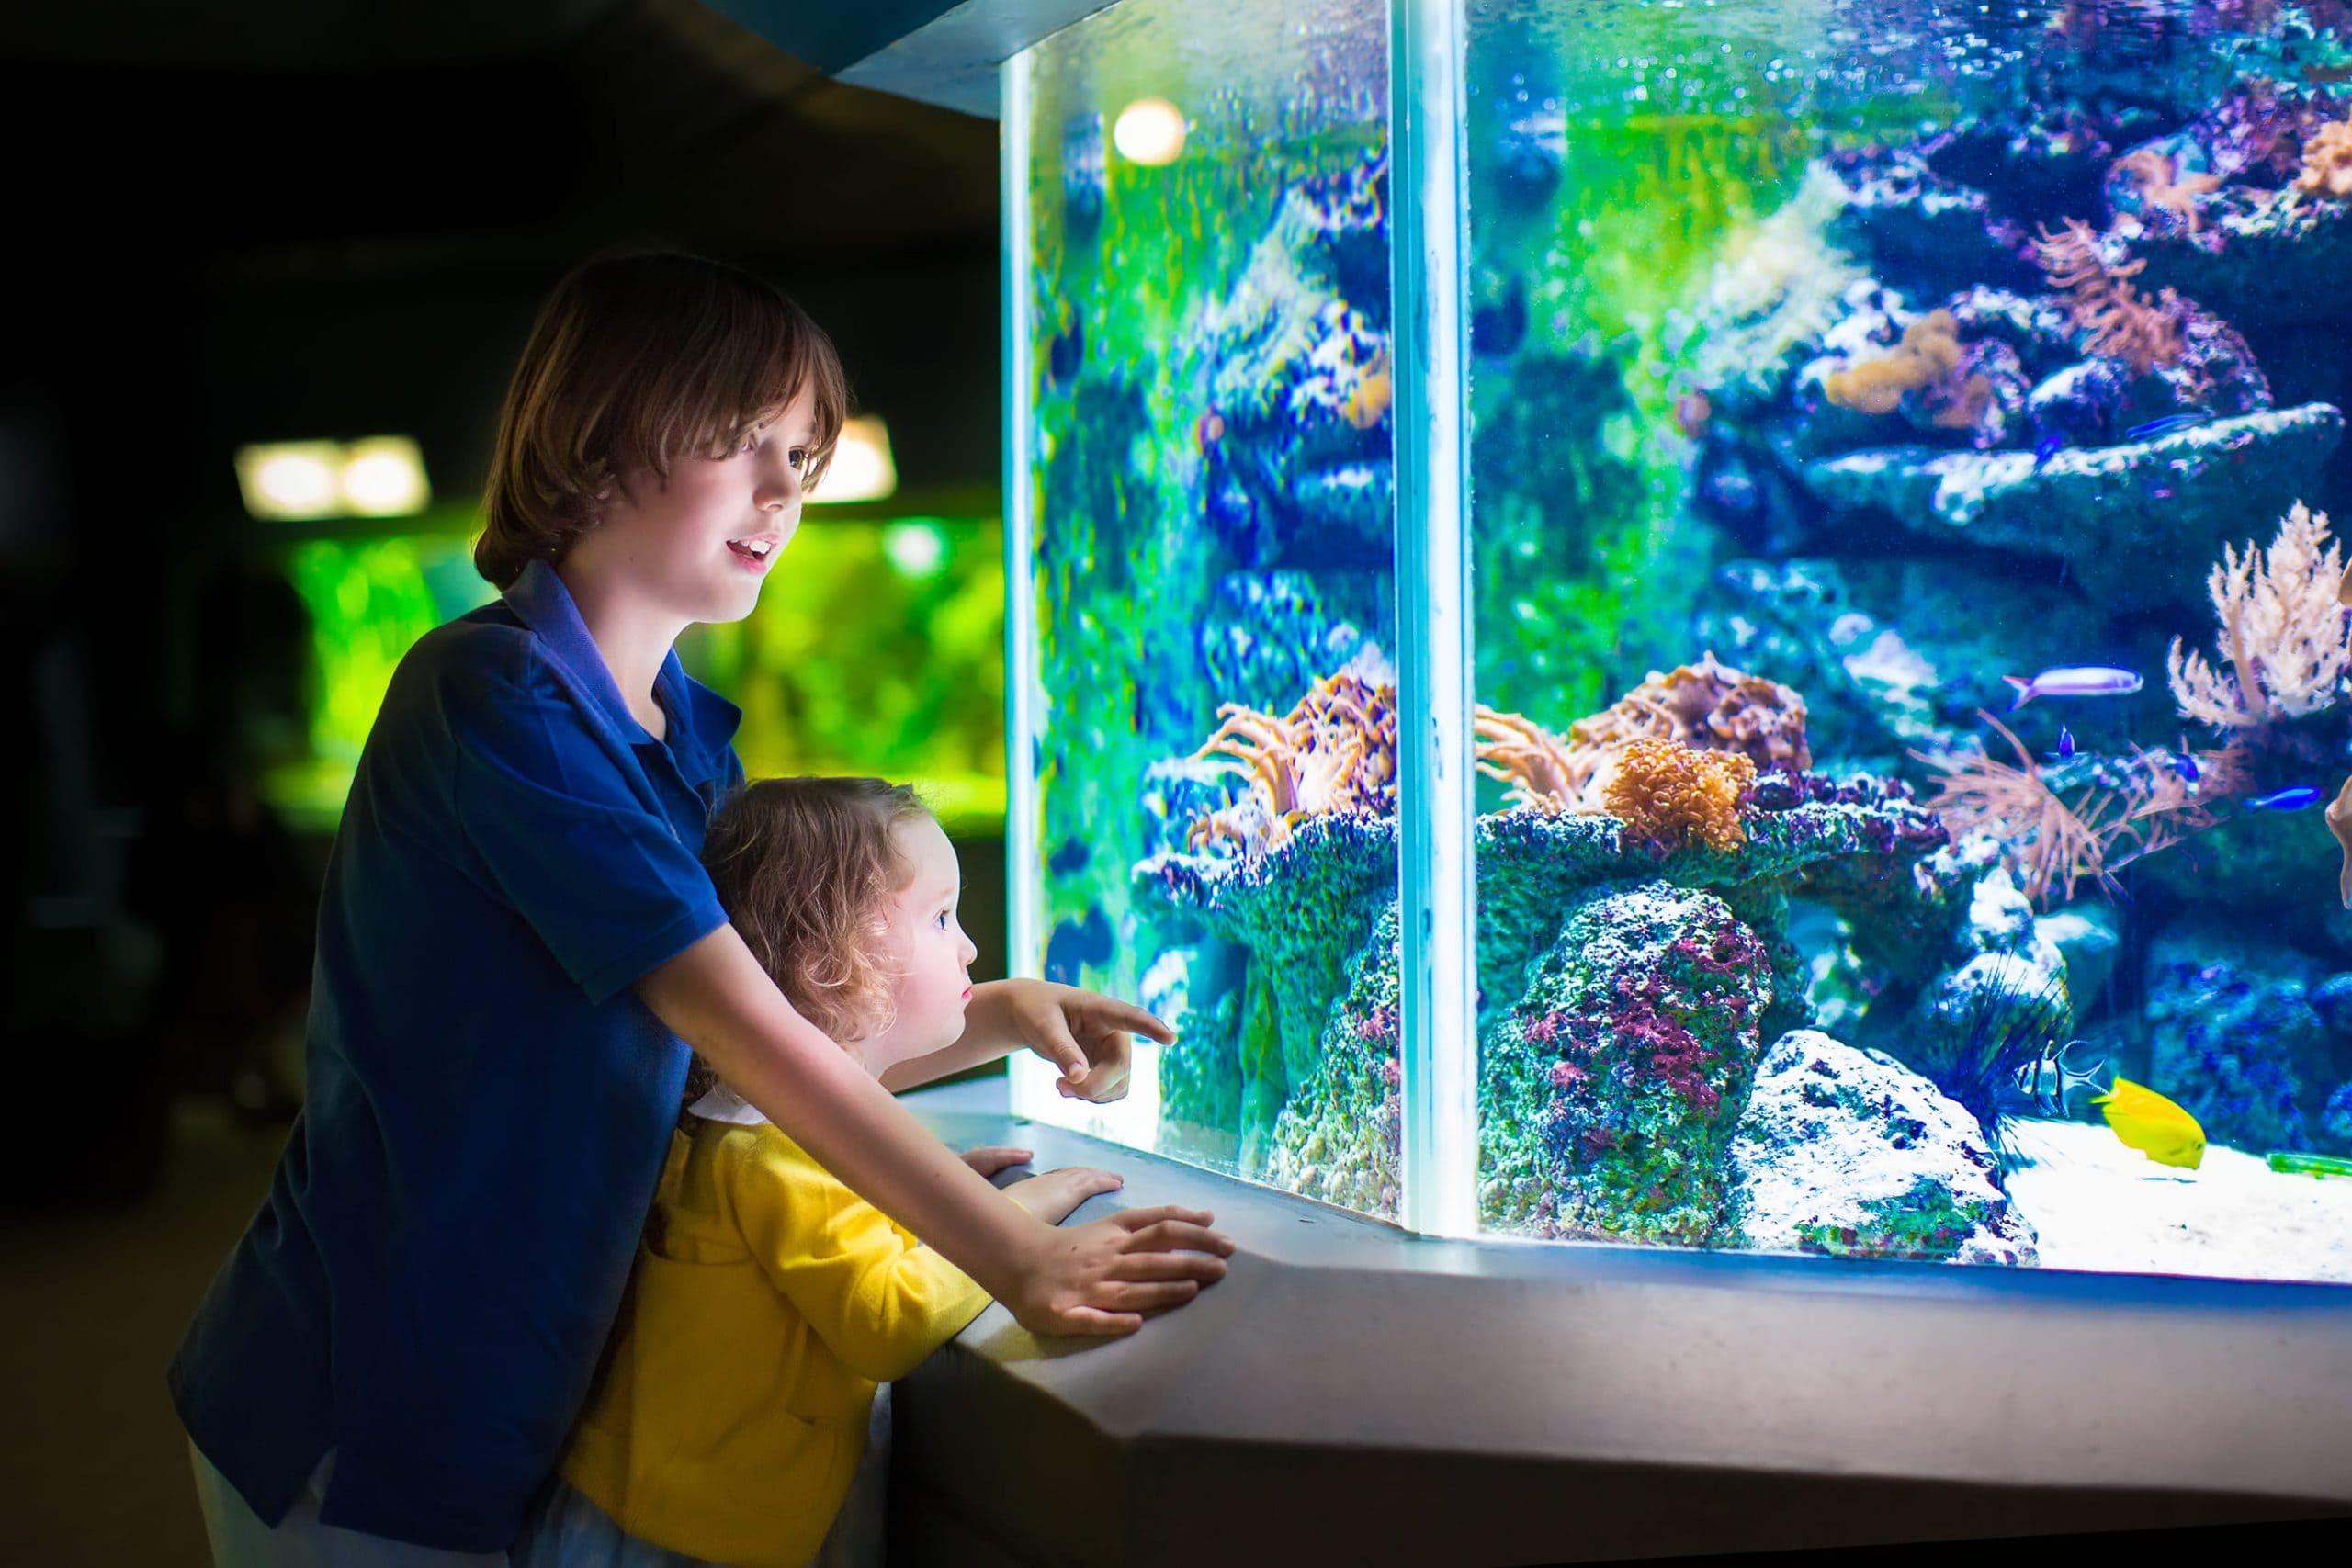 水槽を覗き込む2人の少年